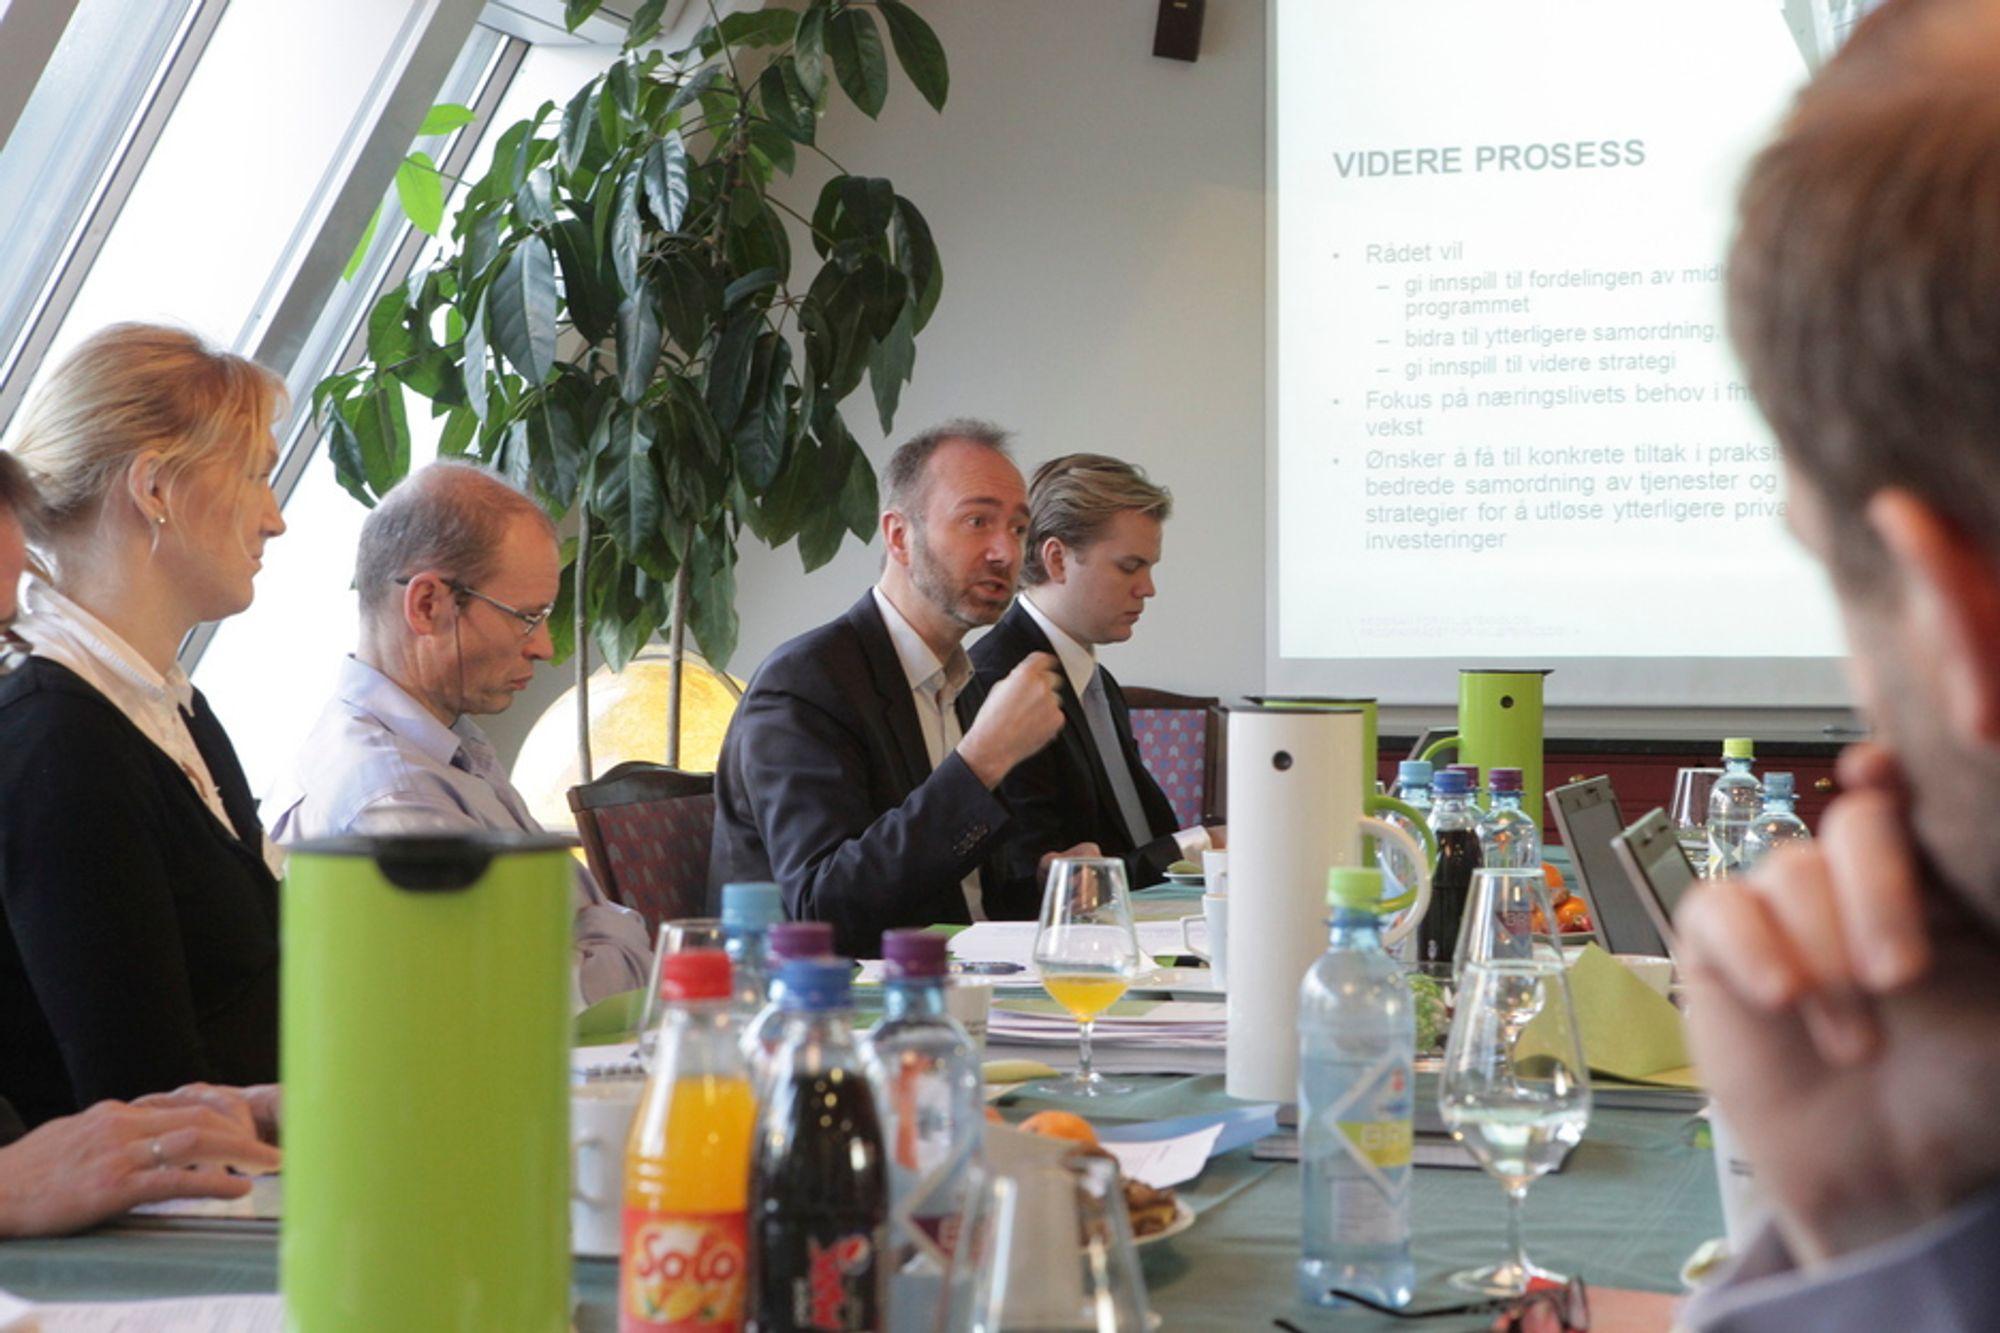 ØNSKER MILJØSATSING: Næringsminister Trond Giske møtte i dag programrådet for miljøteknologi. Han kaller det et «cut-the crap»-utvalg som skal sørge for at de som går med investerings- og teknologiutviklingsplaner skal få det lettere med det offentlige når de søker om støtte.